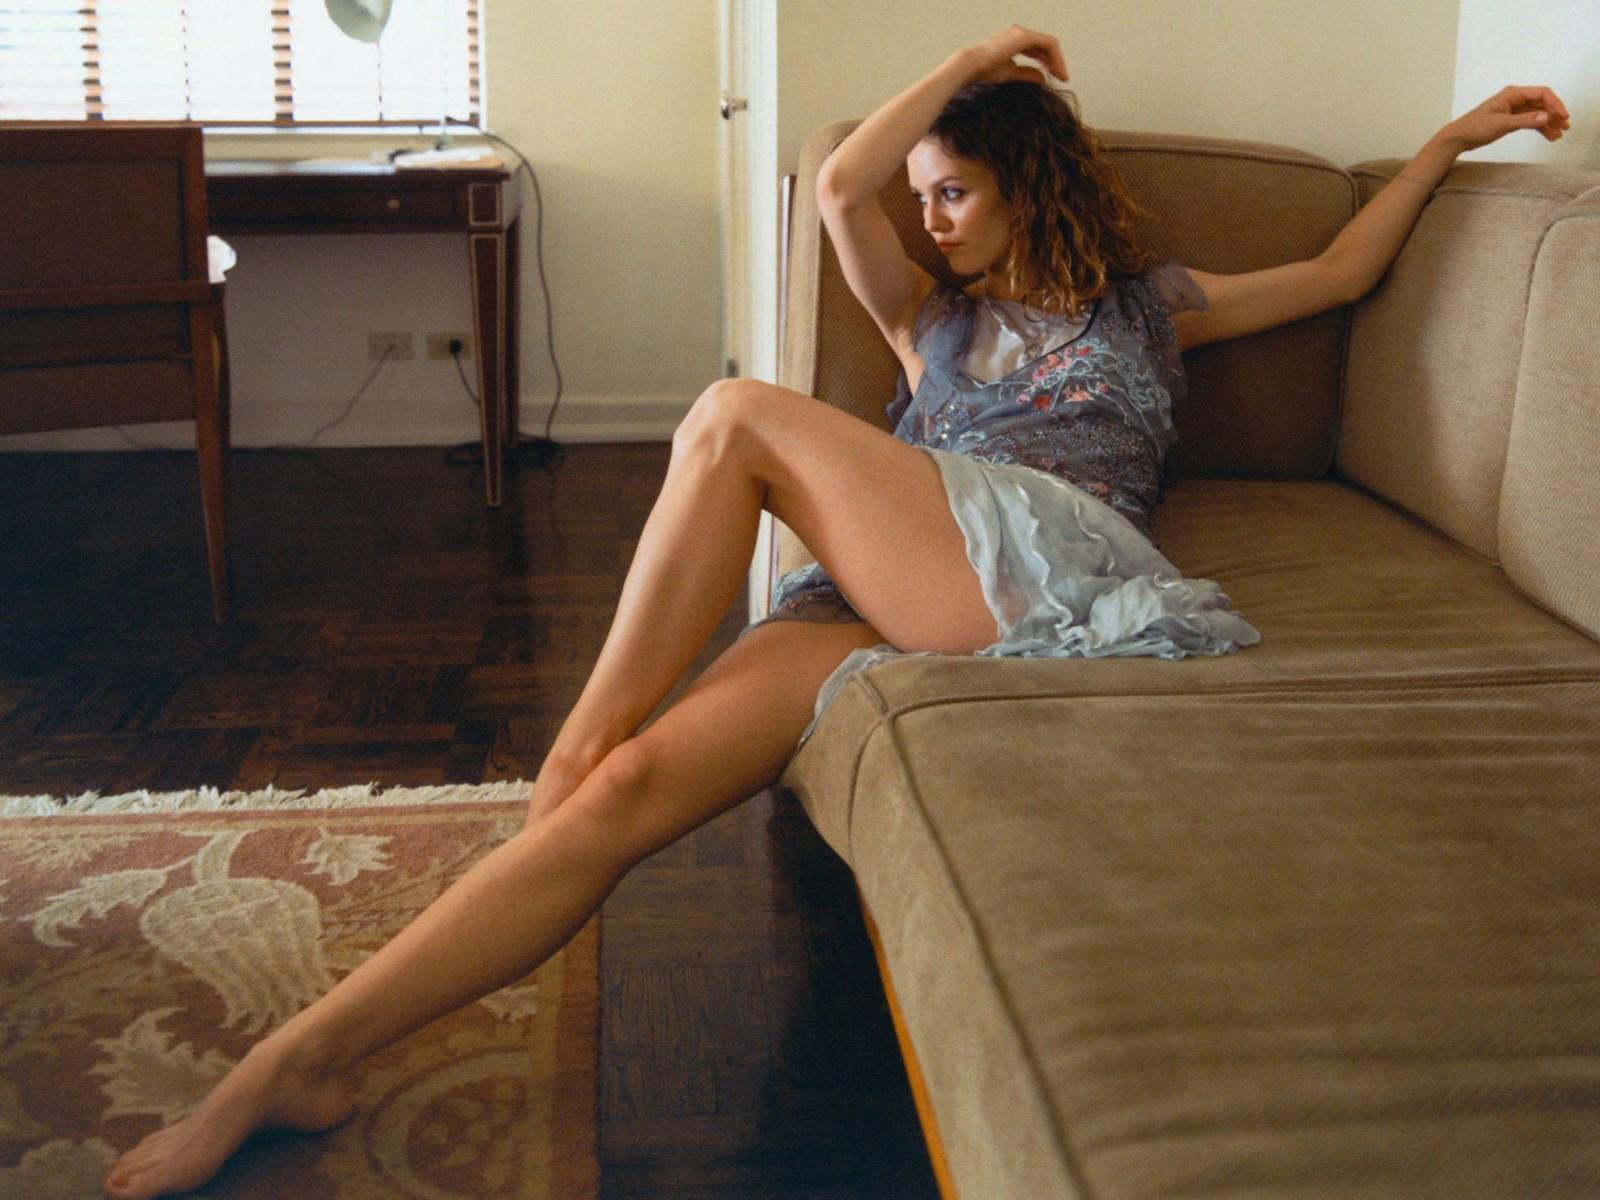 Фото красивые женские ноги картинки